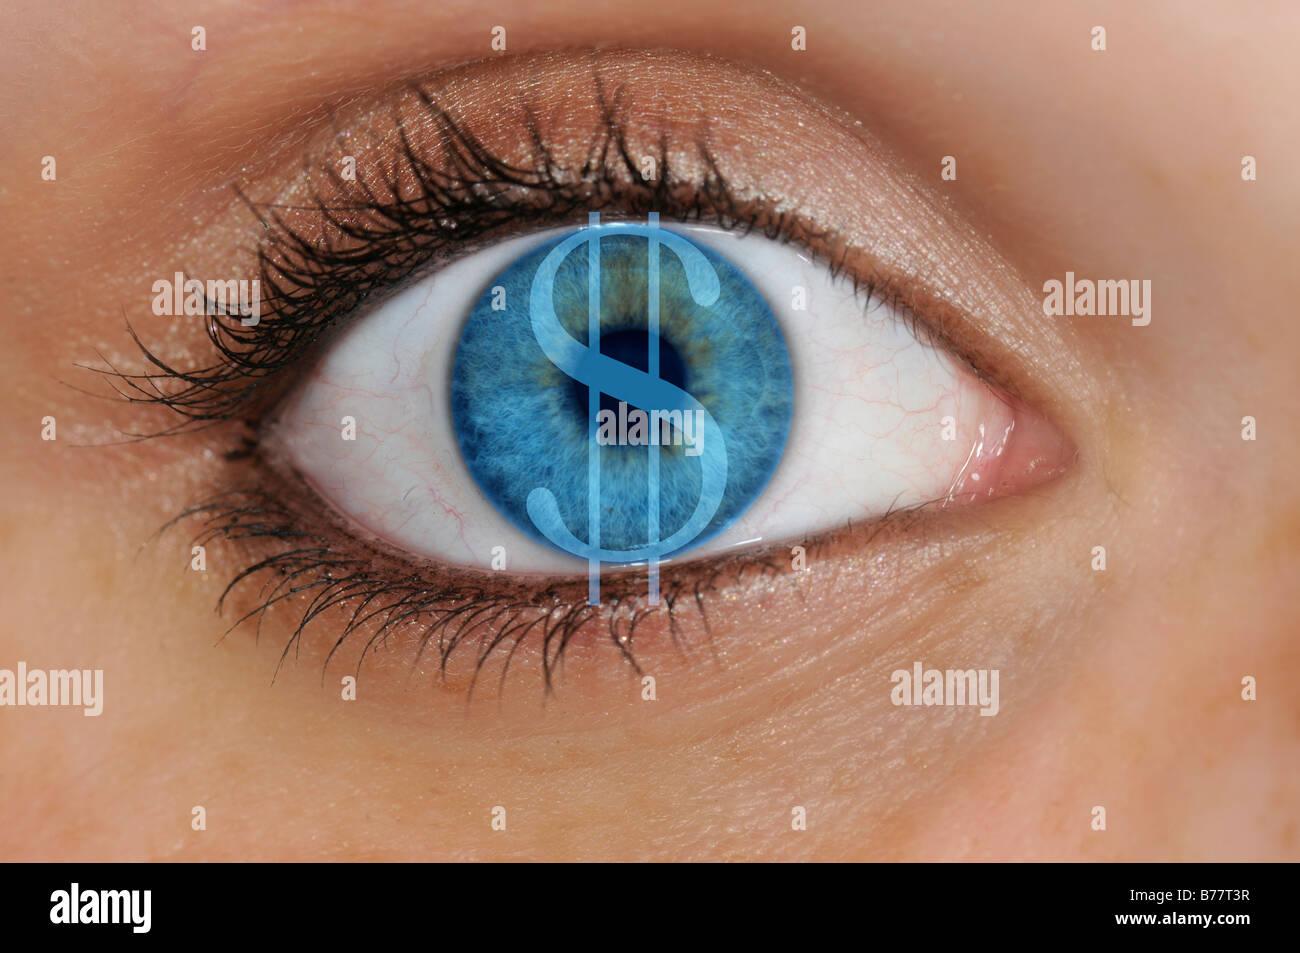 Auge mit einem Dollarsymbol überlagert eine blaue Iris, Detail, symbolisch für Geiz Stockbild